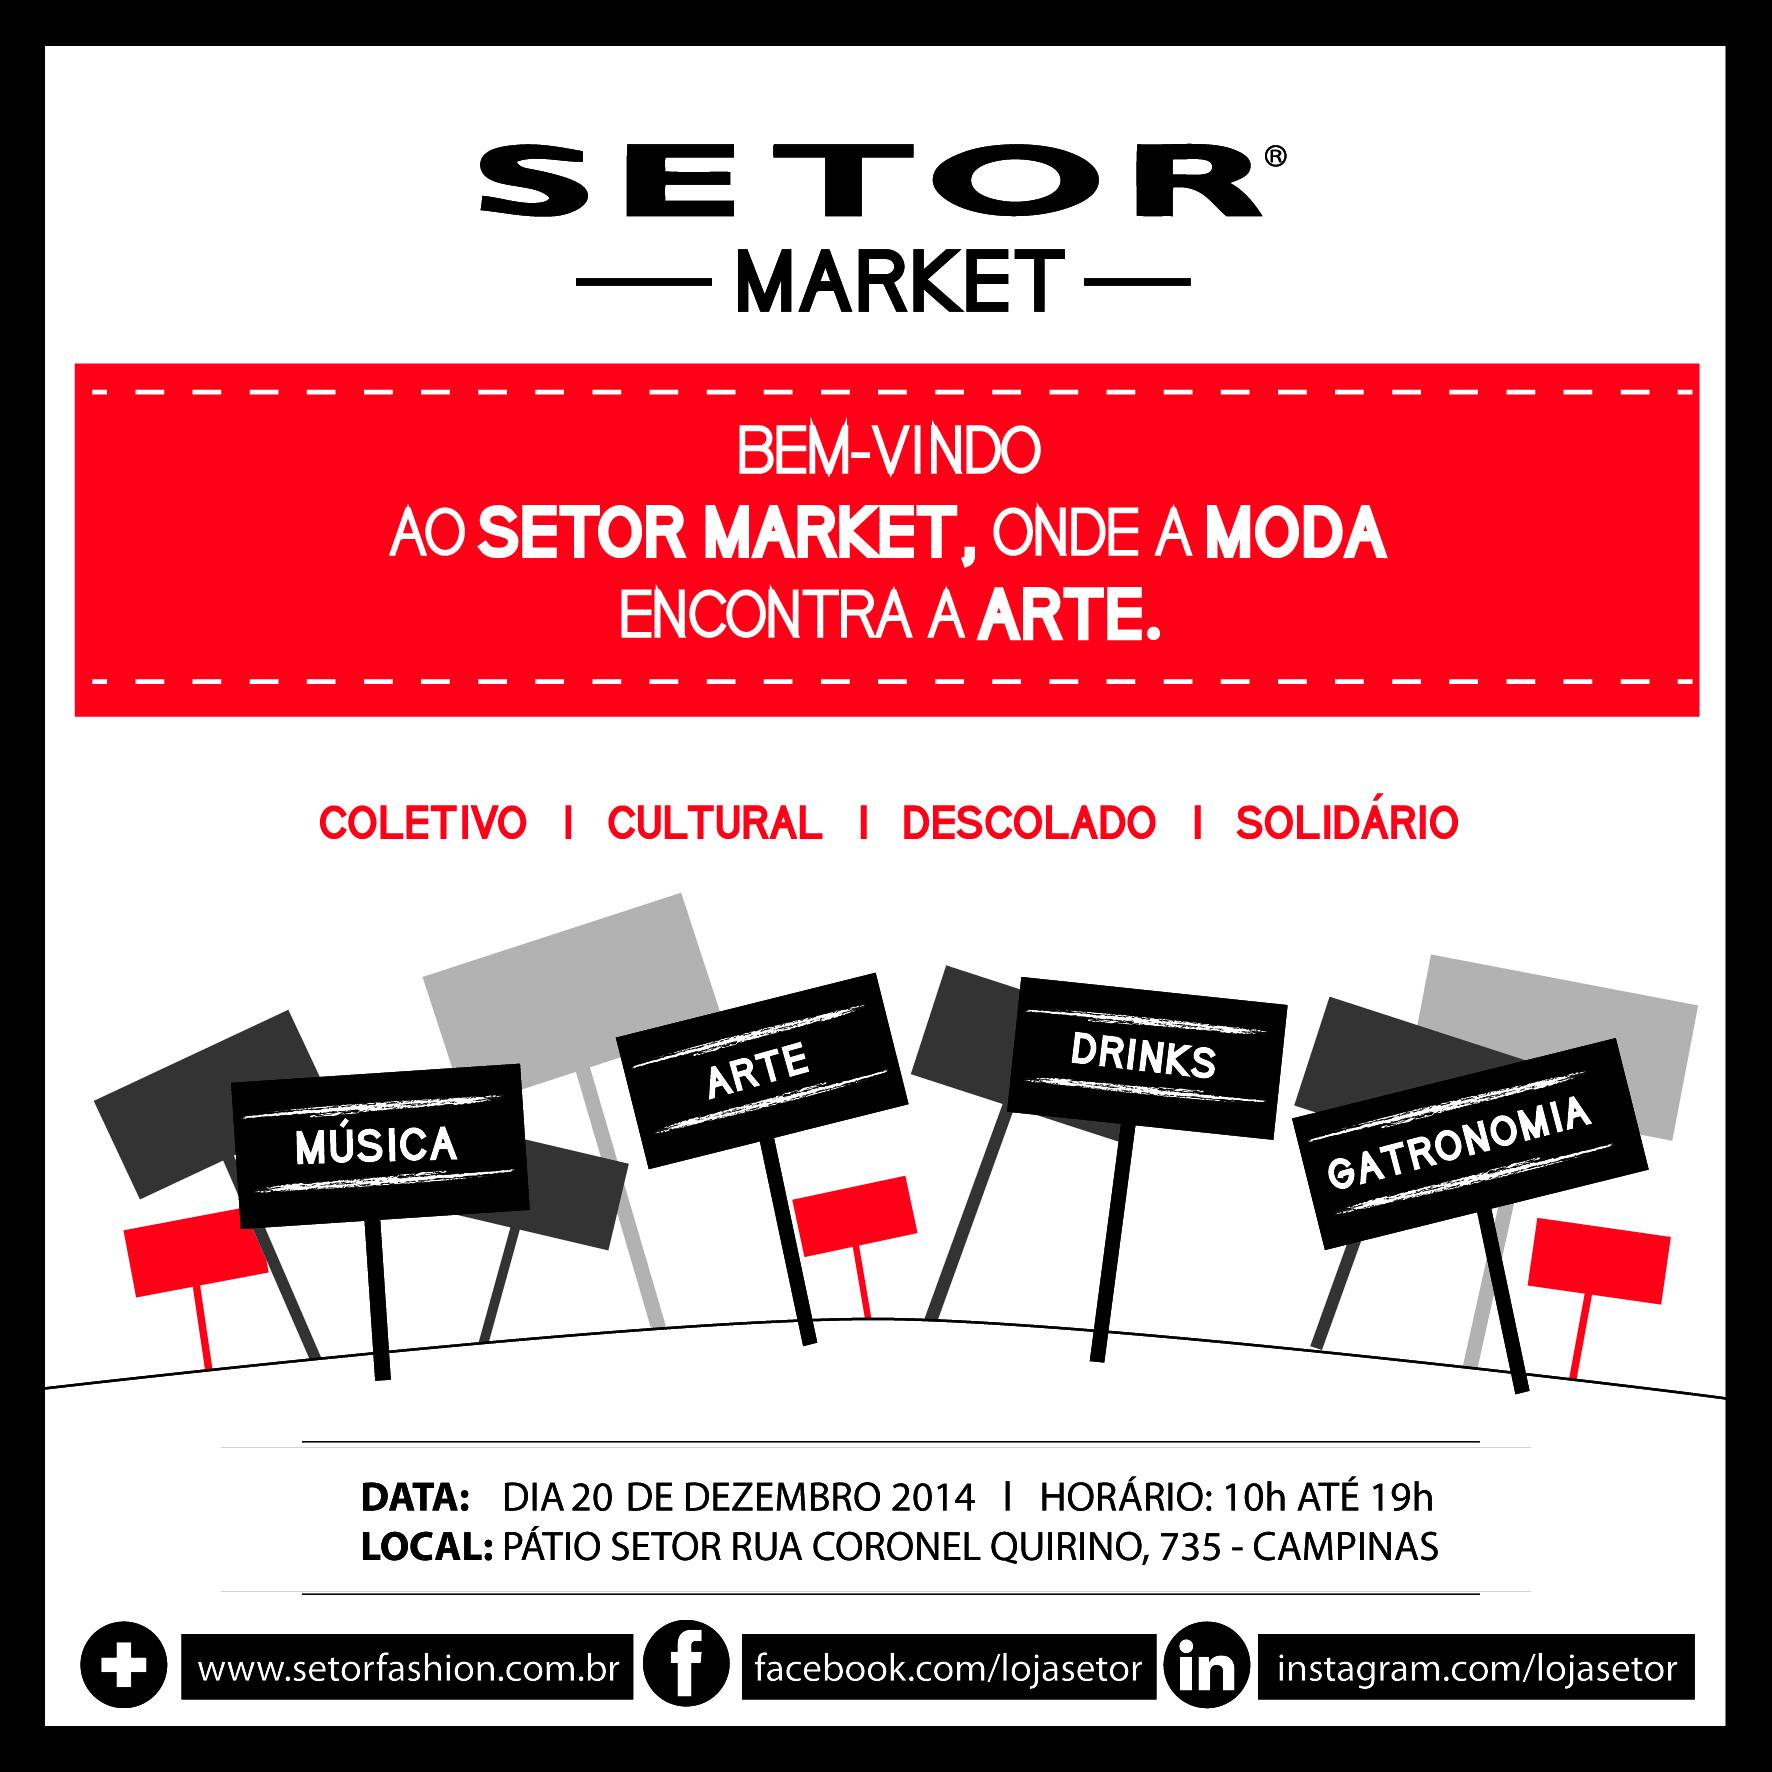 Setor Market Cambui